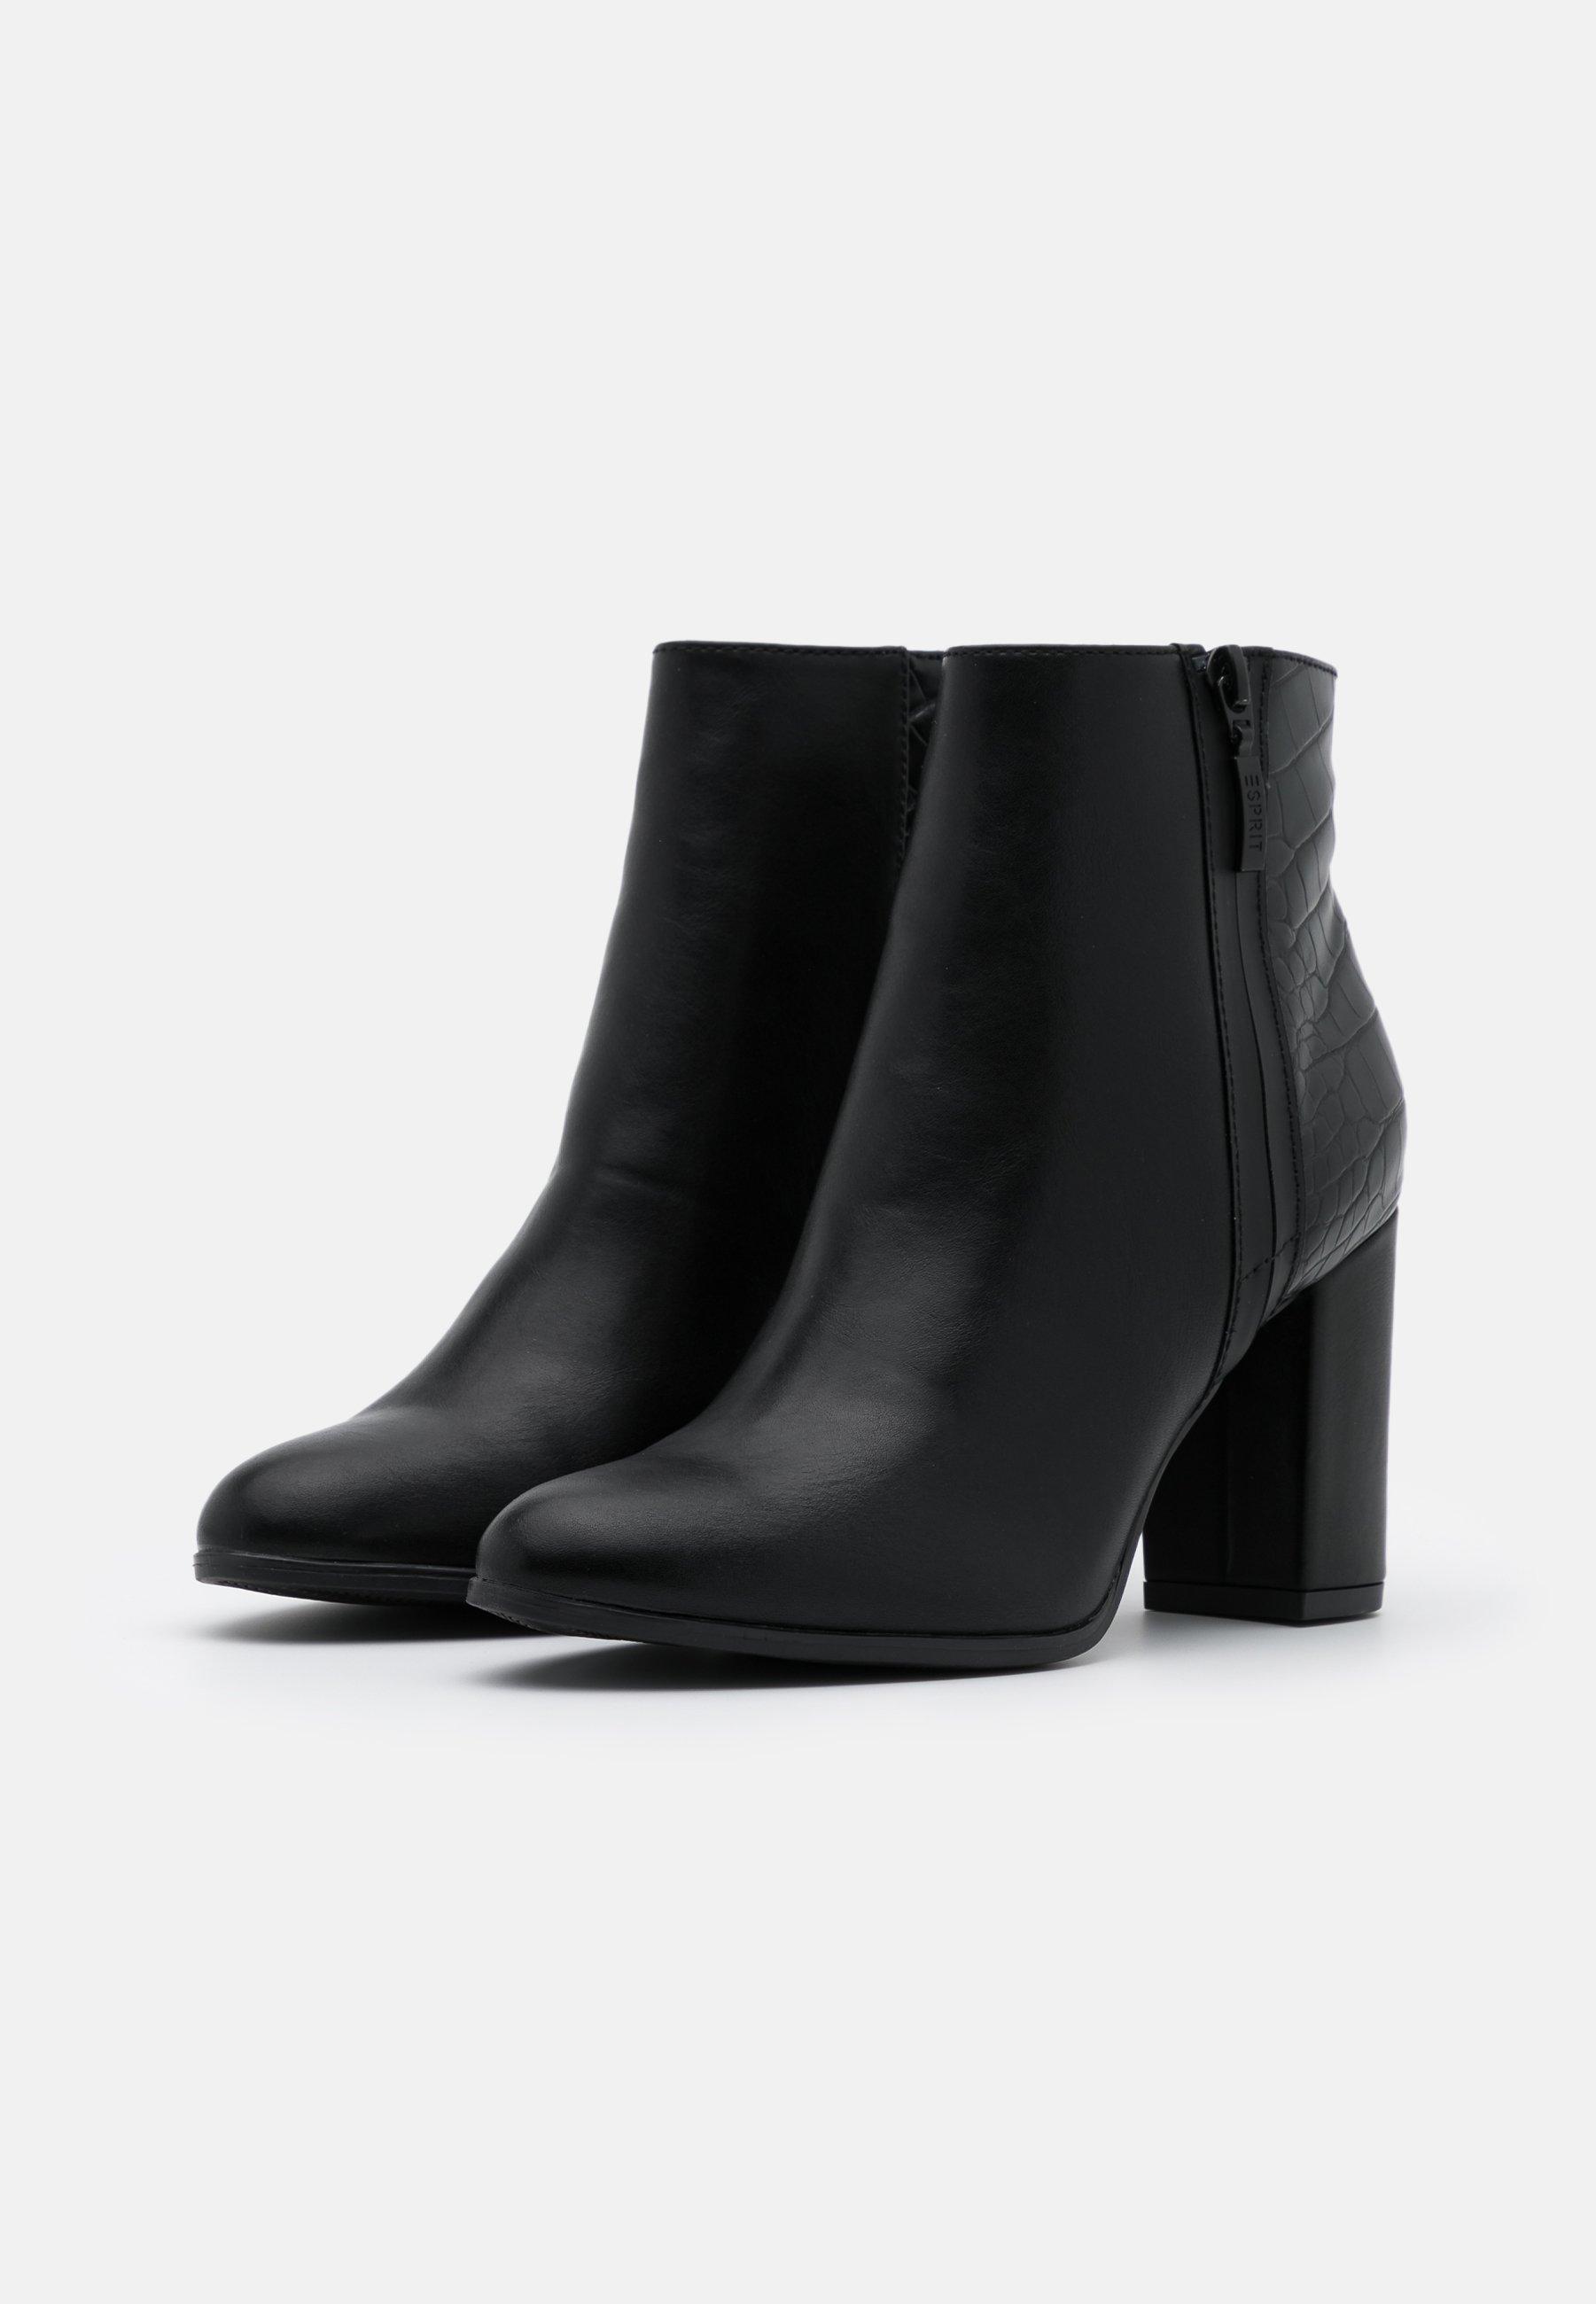 Esprit VERONA  High Heel Stiefelette black/schwarz